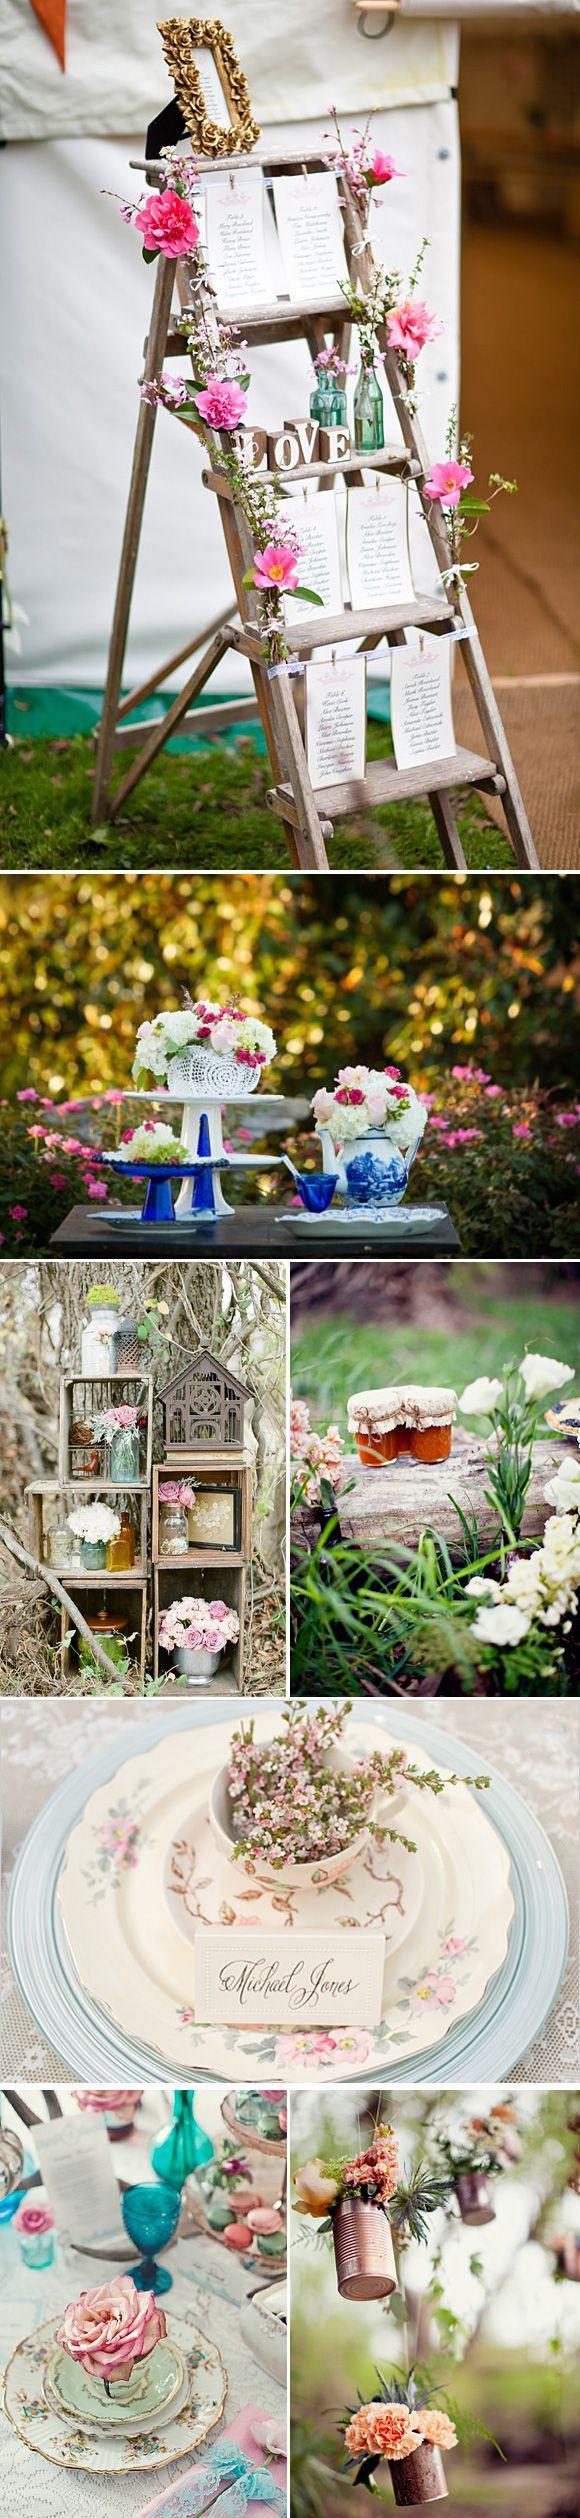 Decoración vintage para bodas y eventos